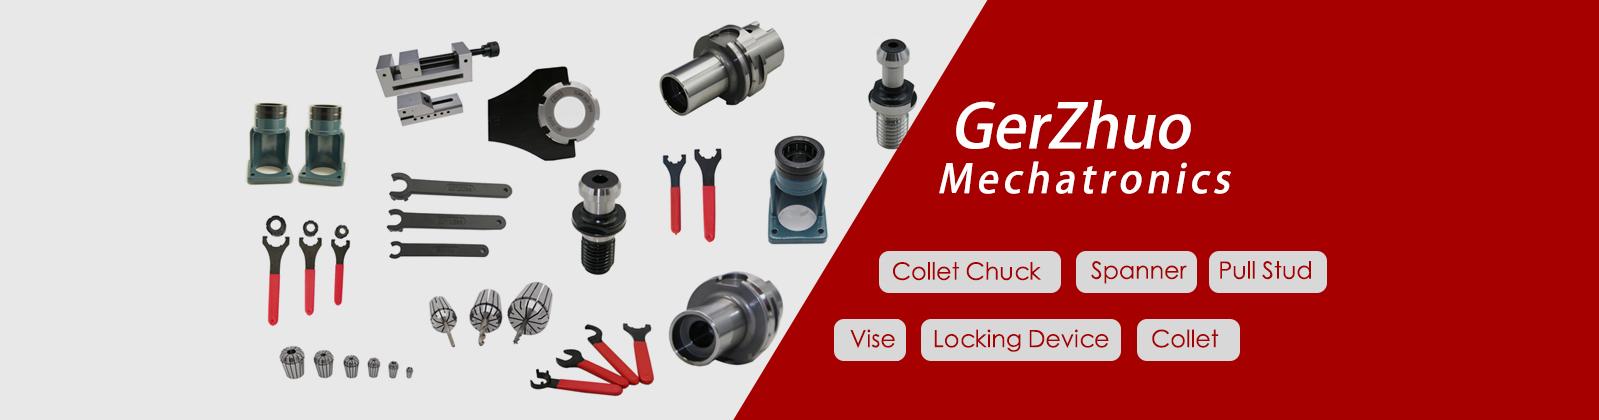 YuCheng GerZhuo Mechatronics Technology Co., Ltd. Main Image